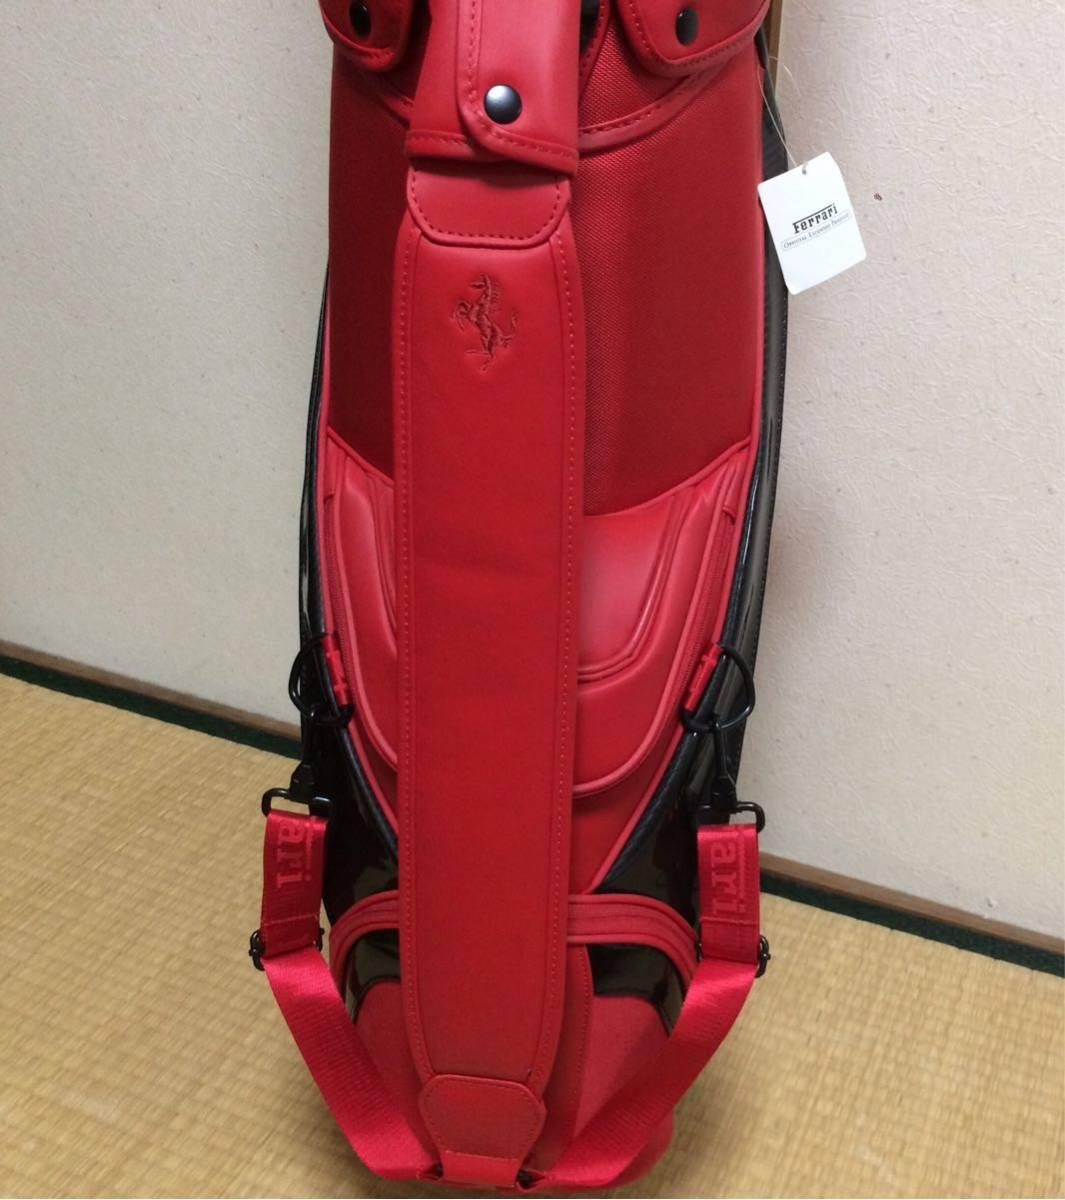 未使用保管品 Ferrari フェラーリ cobra コブラ キャディバッグ ゴルフバッグ キャディーバッグ レッド 909034-02_画像4